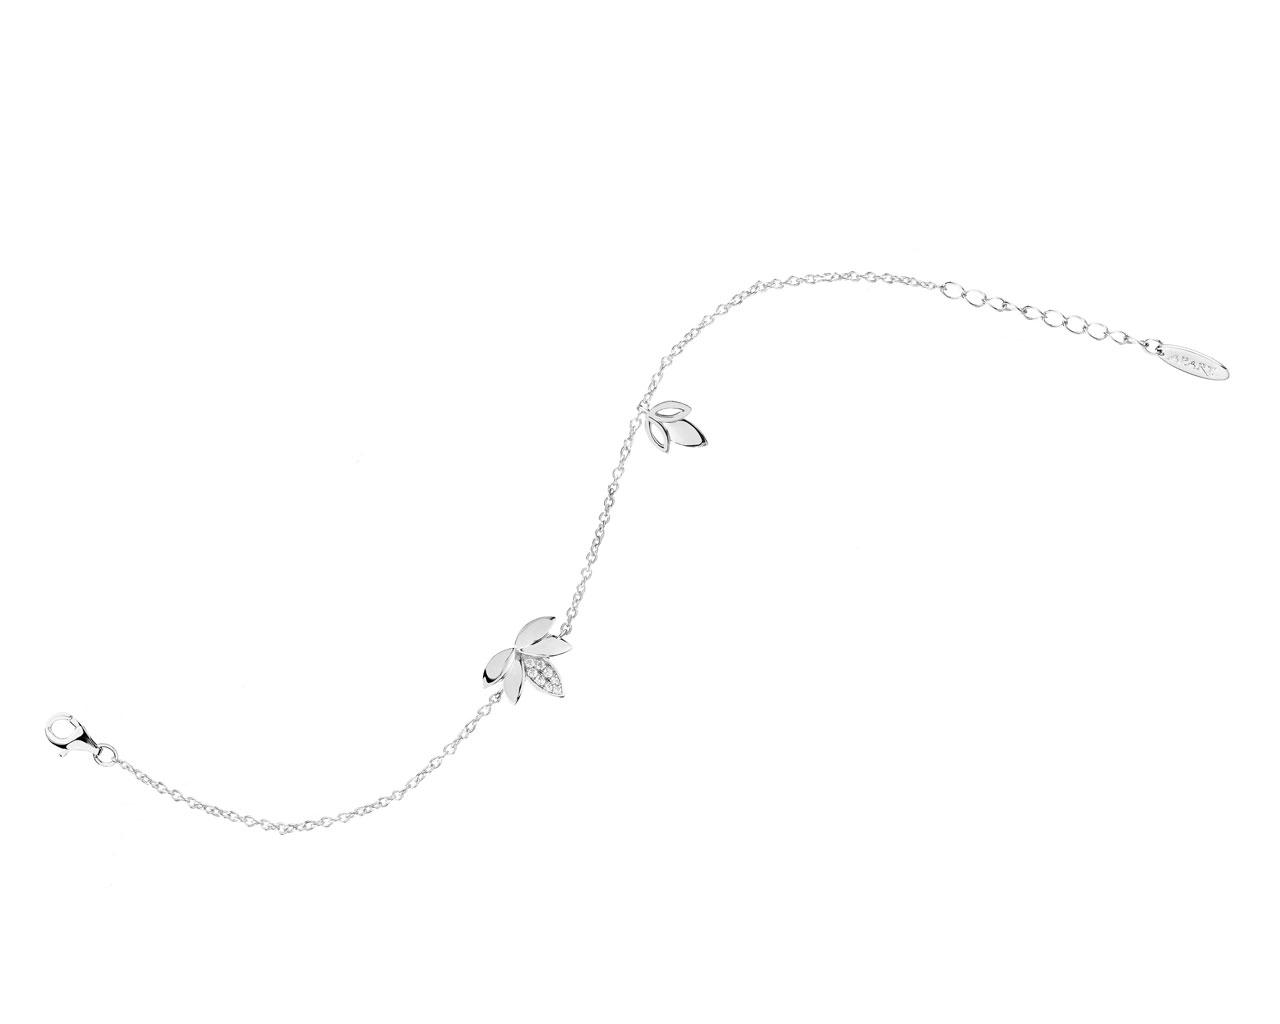 armband aus silber mit zirkoniasteinen artelioni. Black Bedroom Furniture Sets. Home Design Ideas